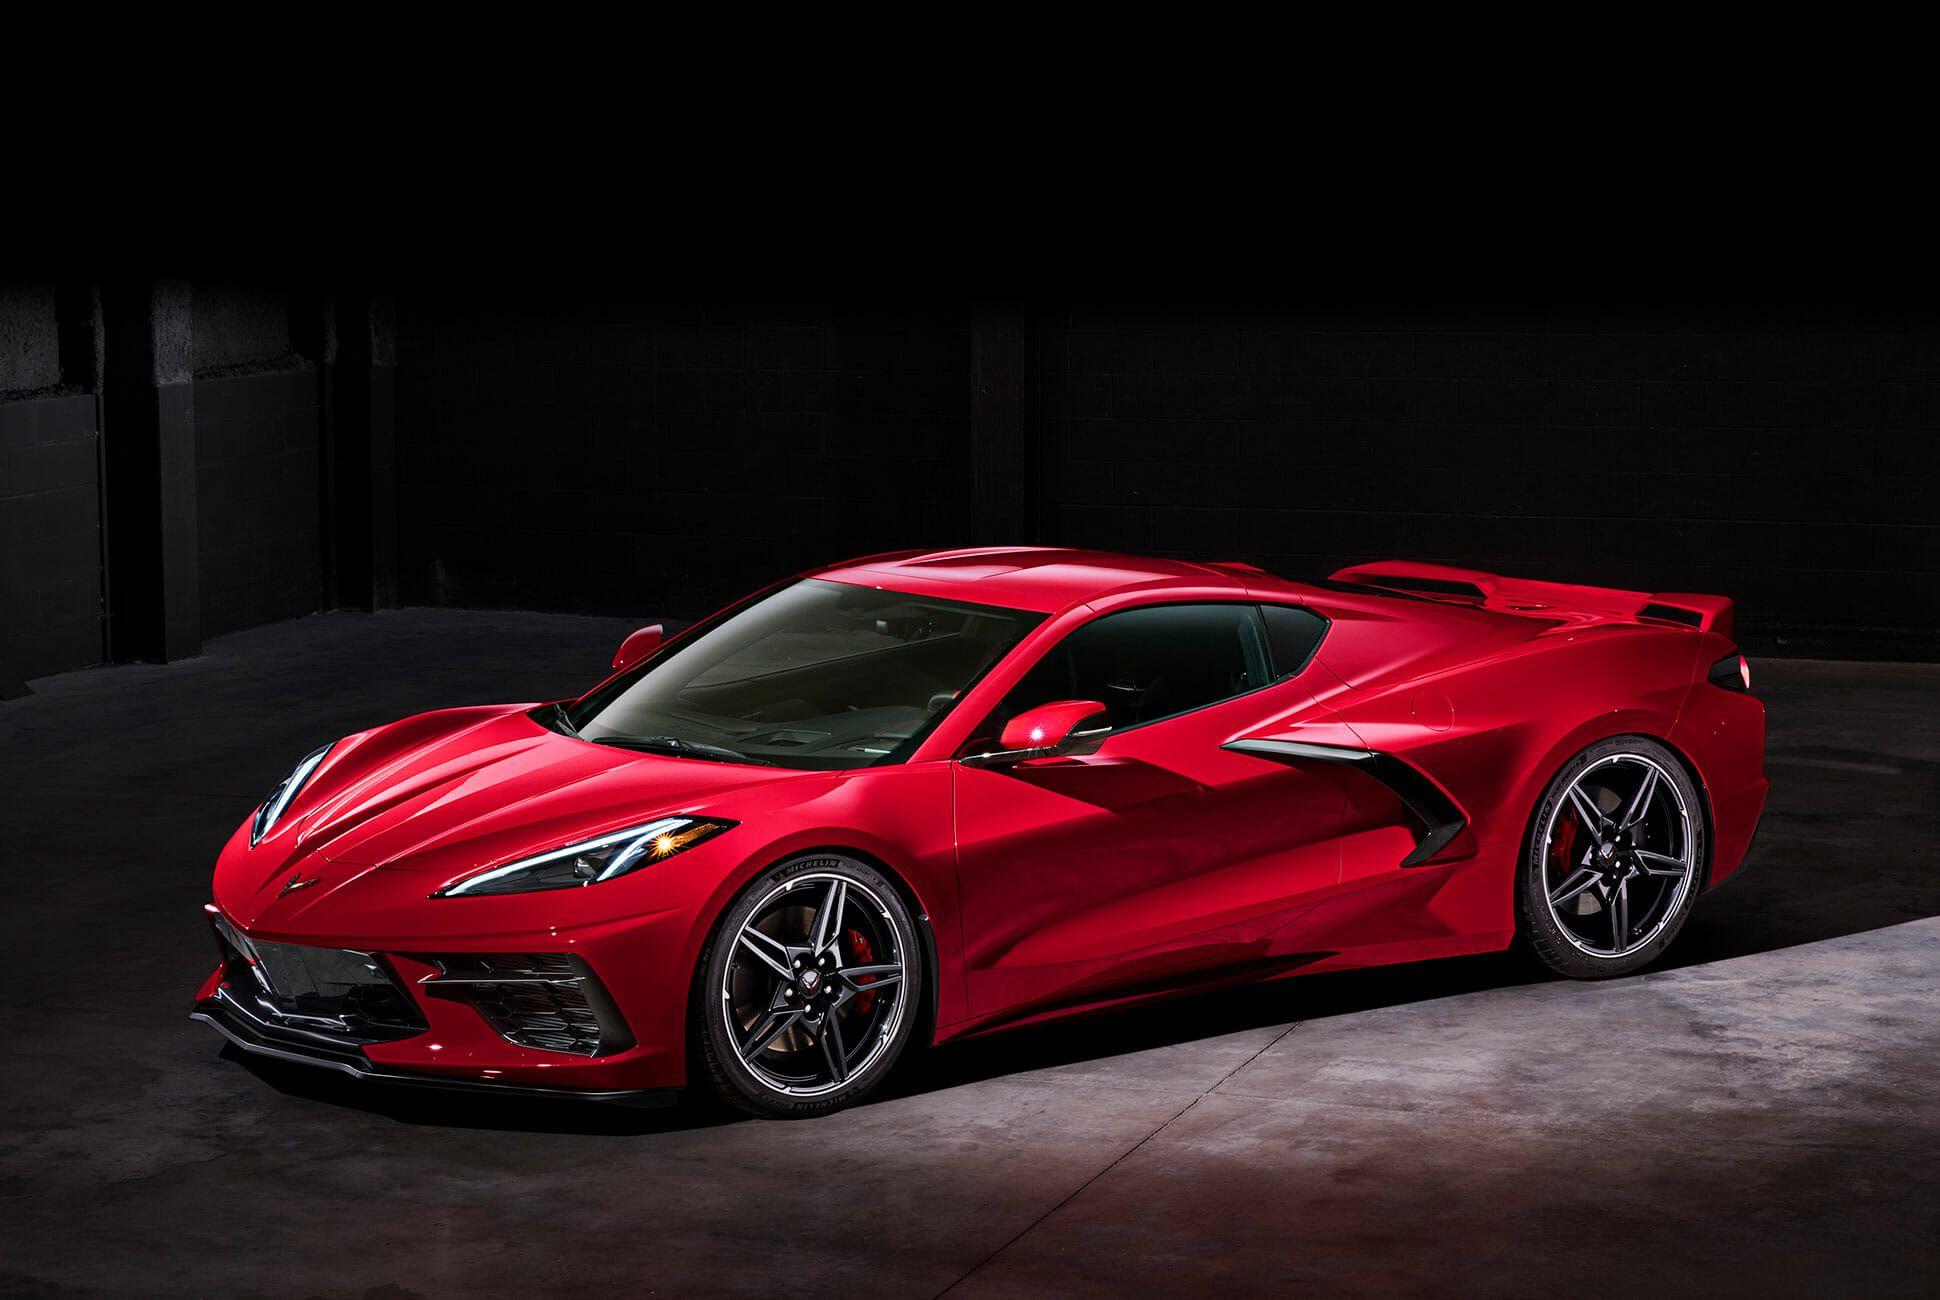 2020-Chevrolet-Corvette-Stingray-gear-patrol-slide-6